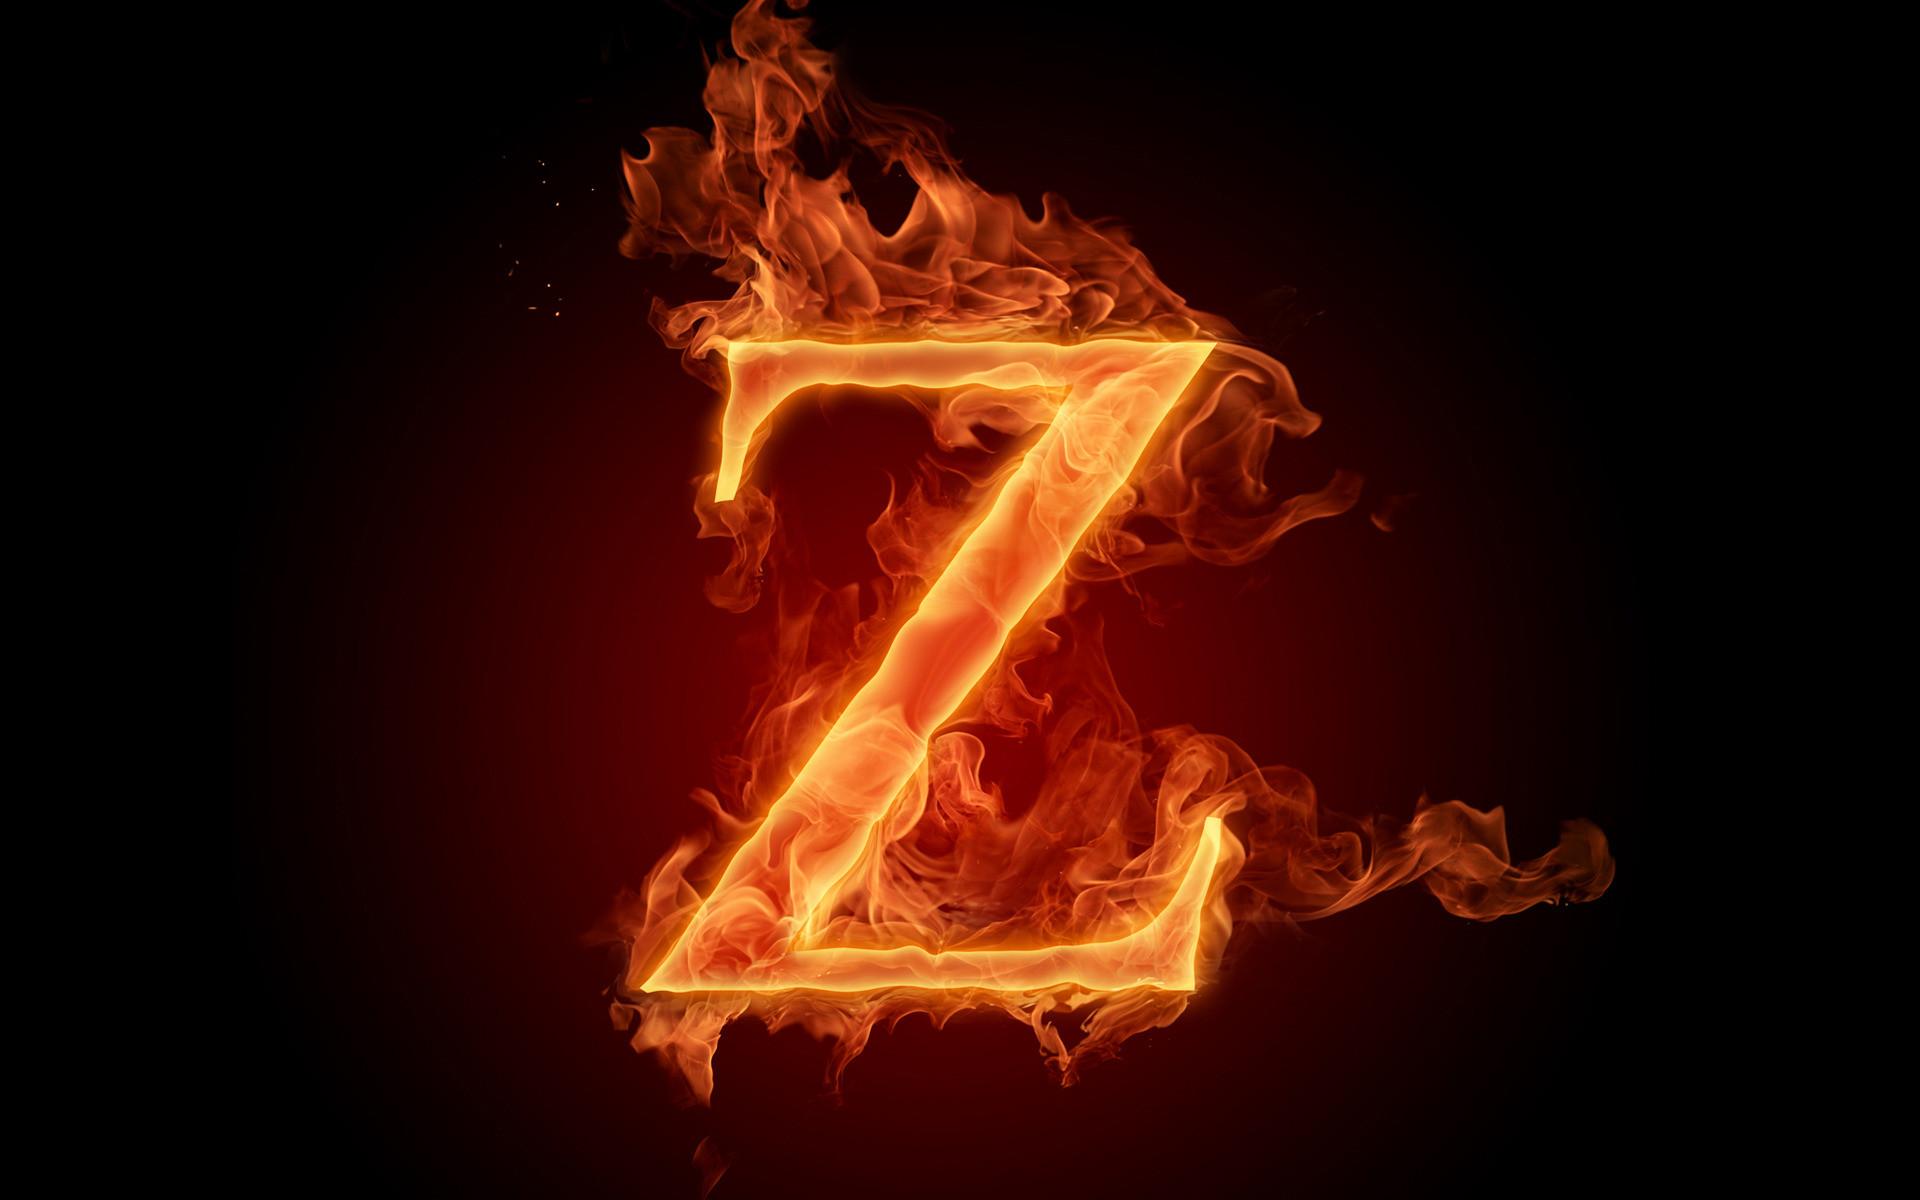 Wallpaper z, letter, flame, letter, fire alphabet